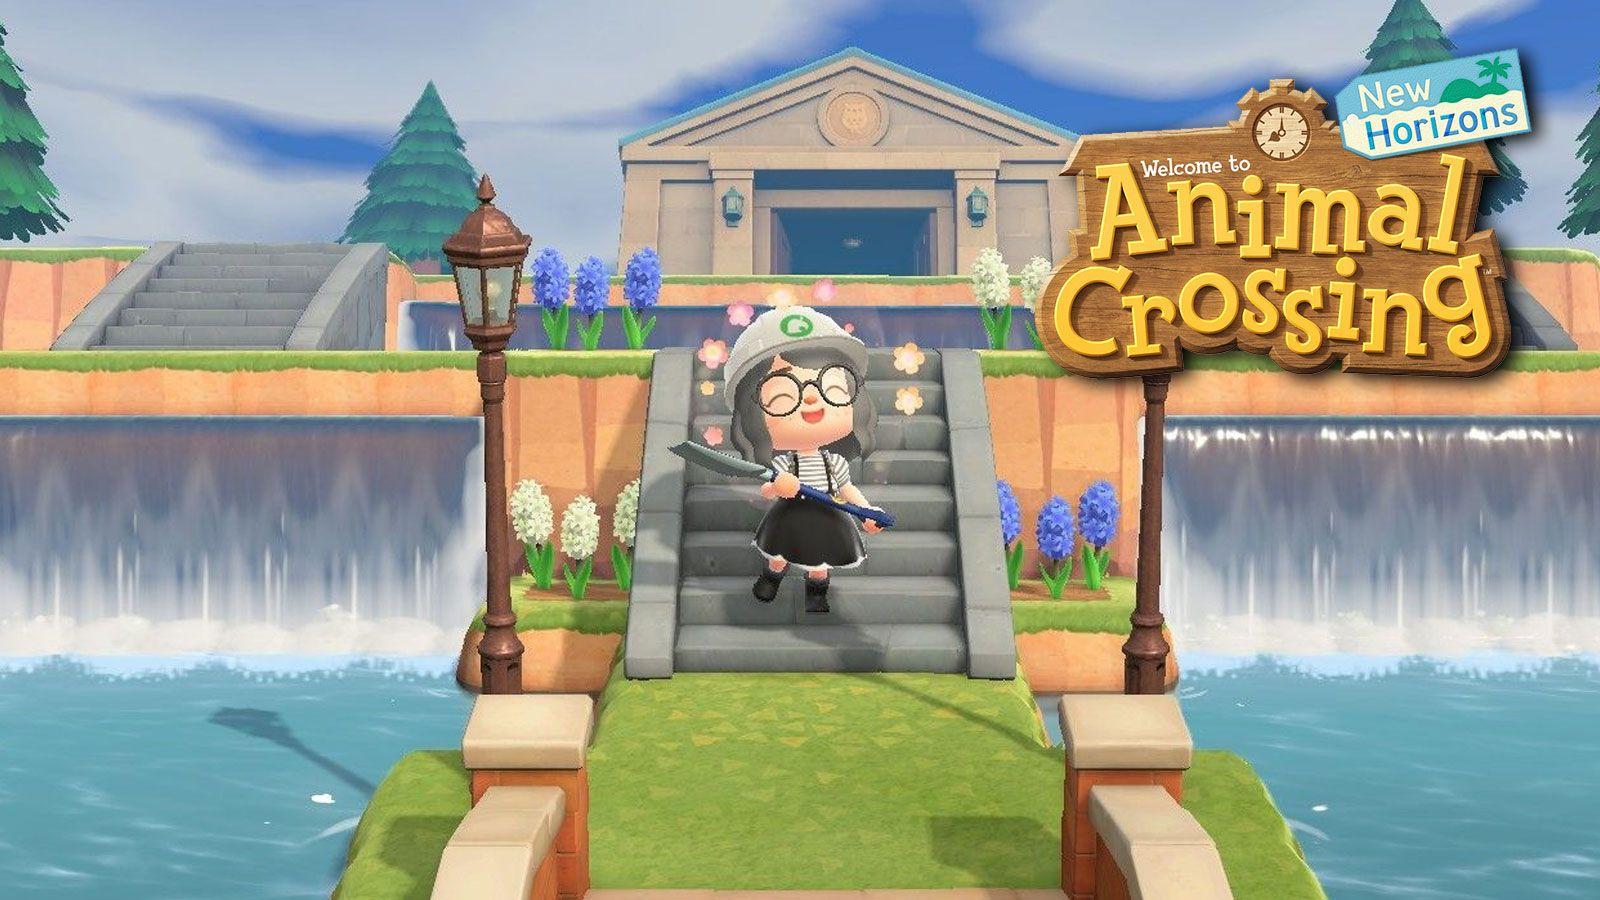 Le sjoueurs font des merveilles sur Animal Crossing : New Horizon